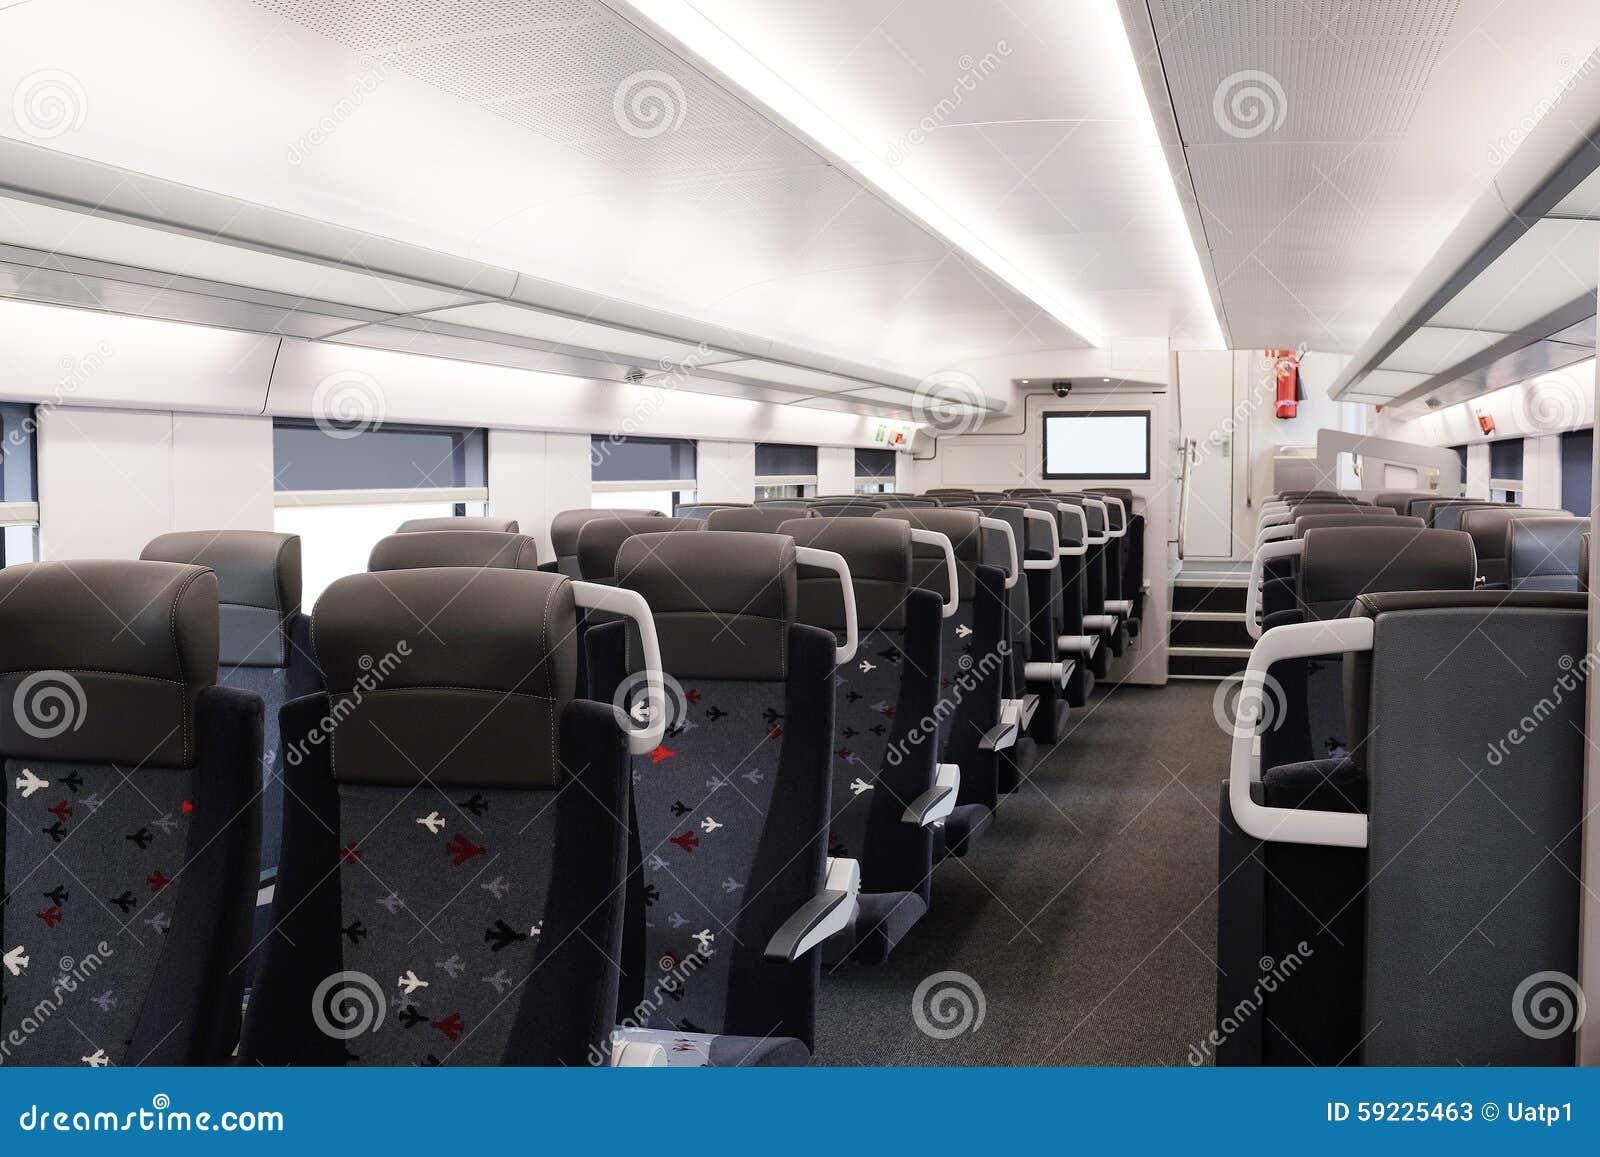 Download Coche de pasajero del tren imagen de archivo. Imagen de compartimiento - 59225463